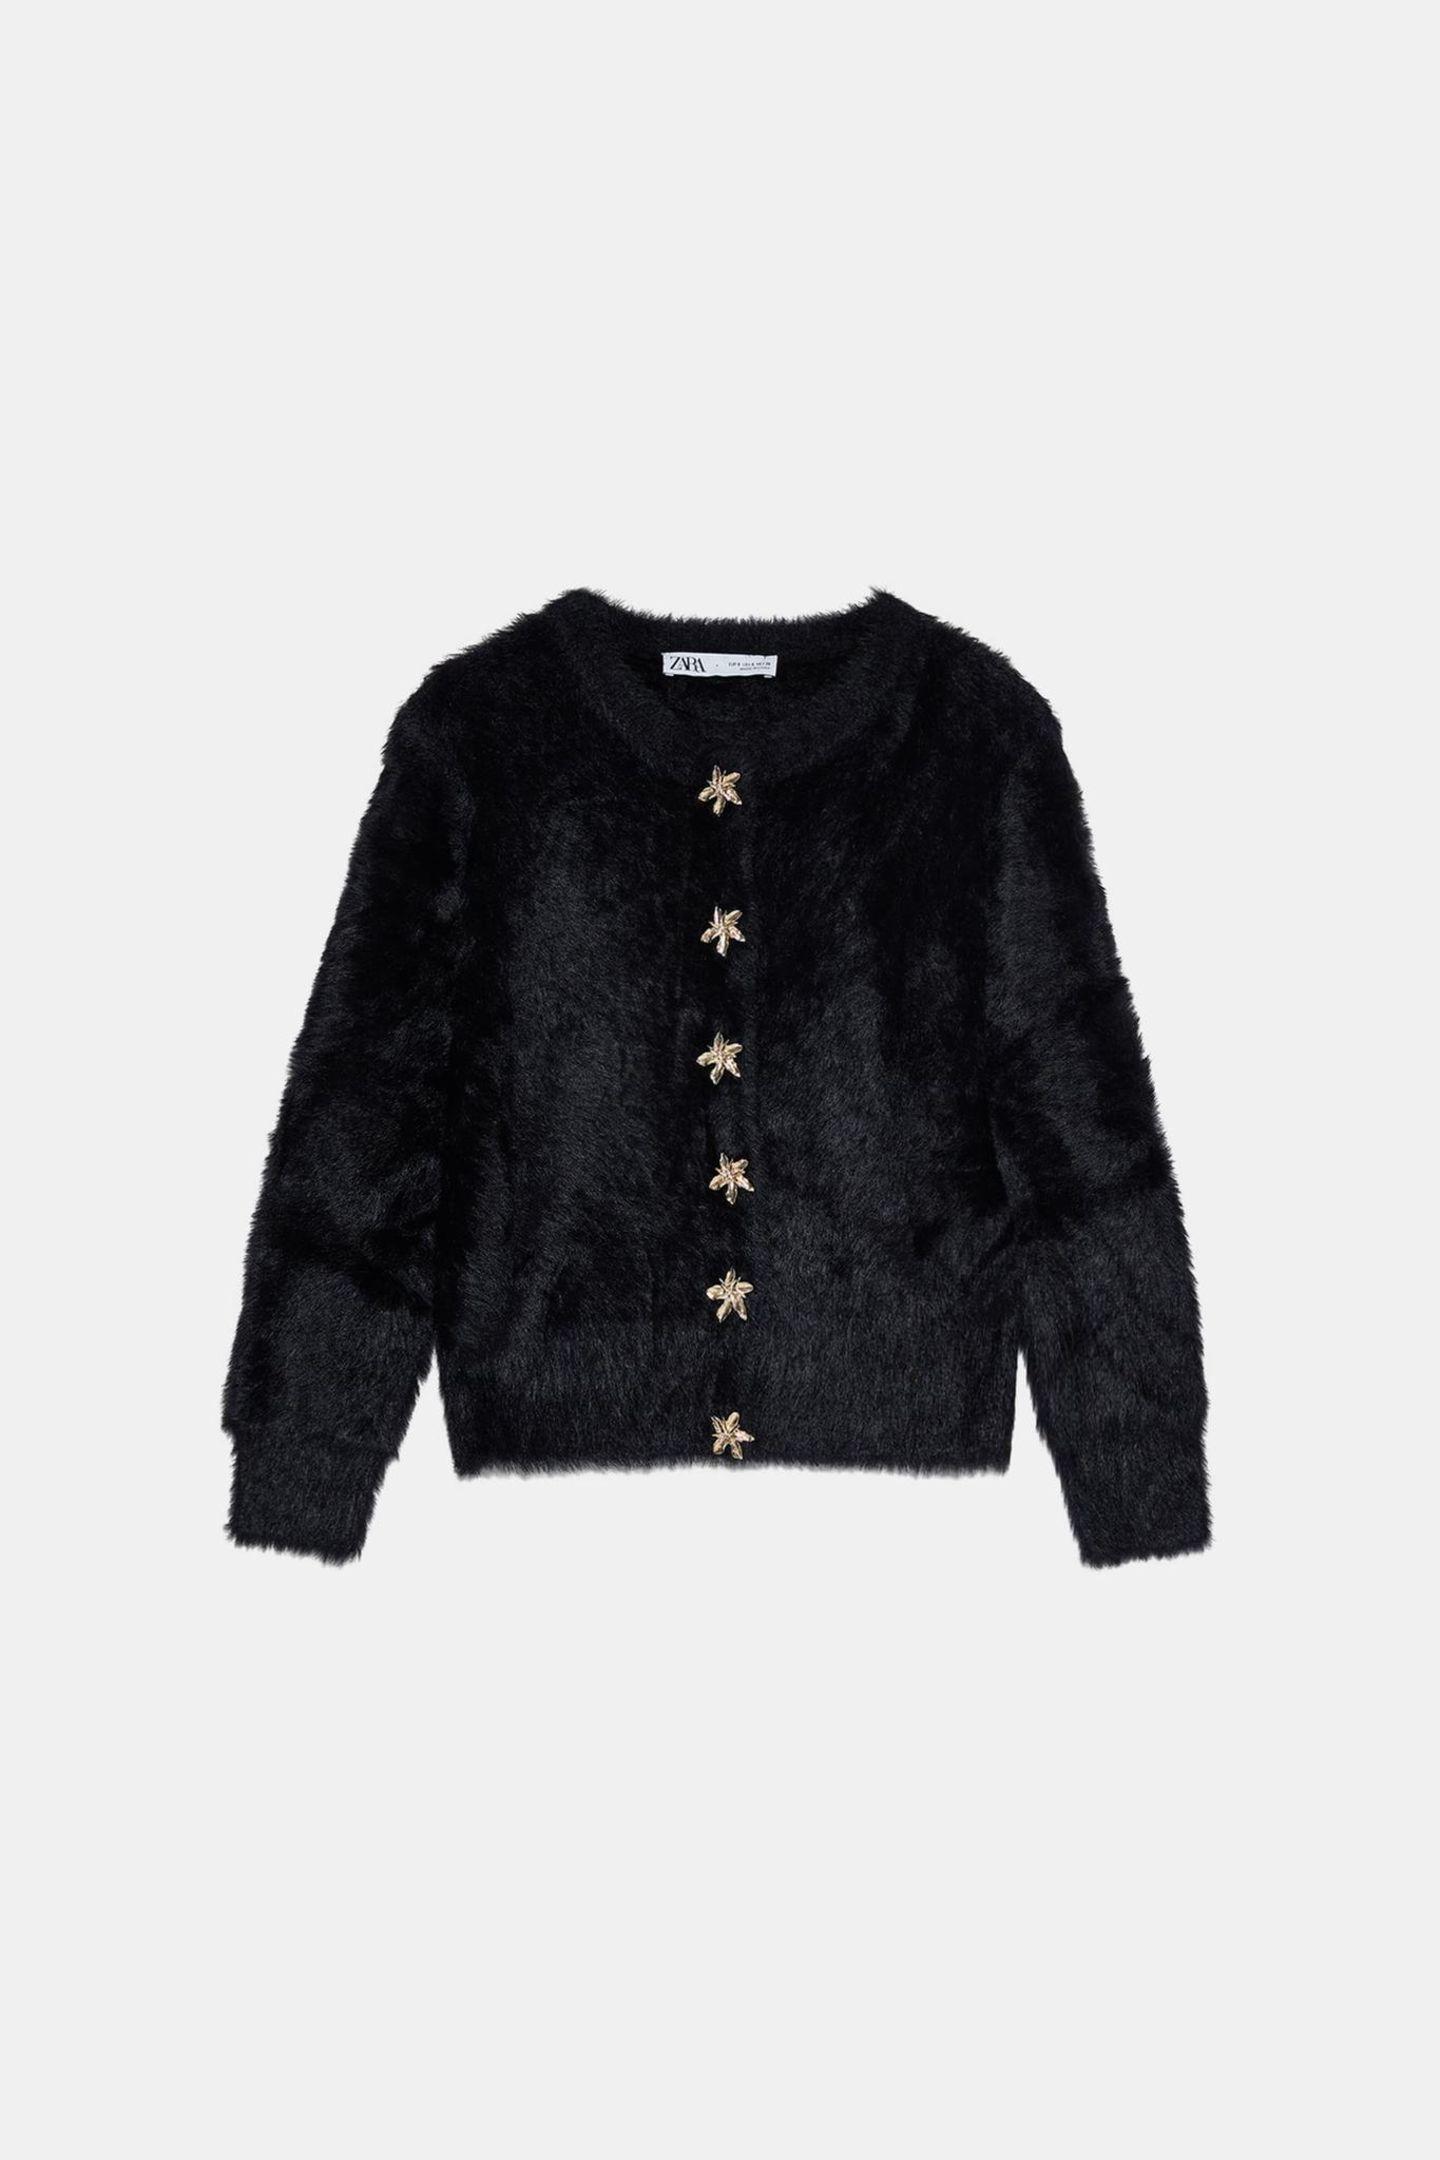 Jacke auf Kunstfell von Zara